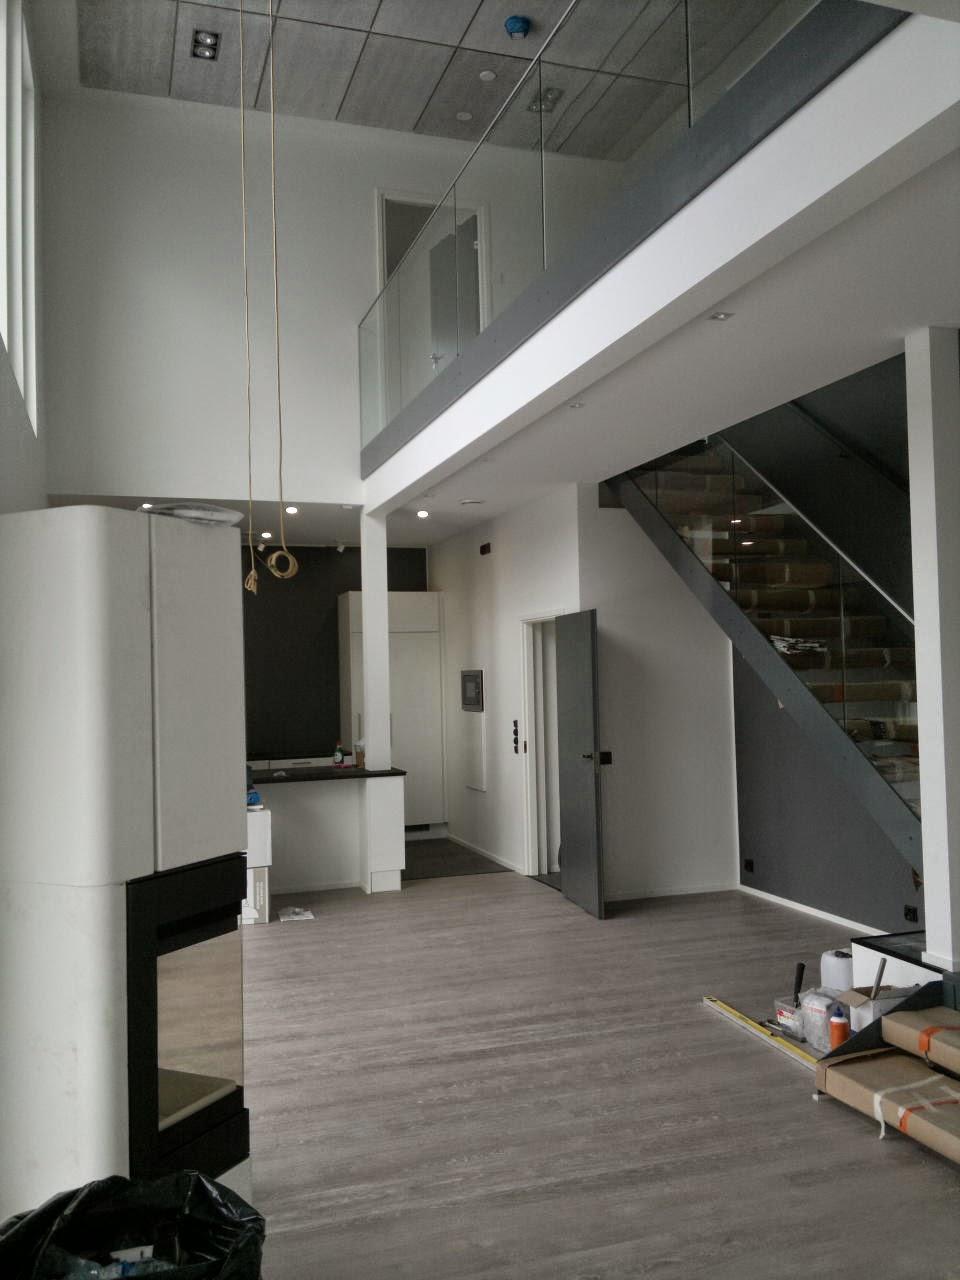 Puuta ja kiveä -raksablogi: näkymä olohuoneesta keittiöön